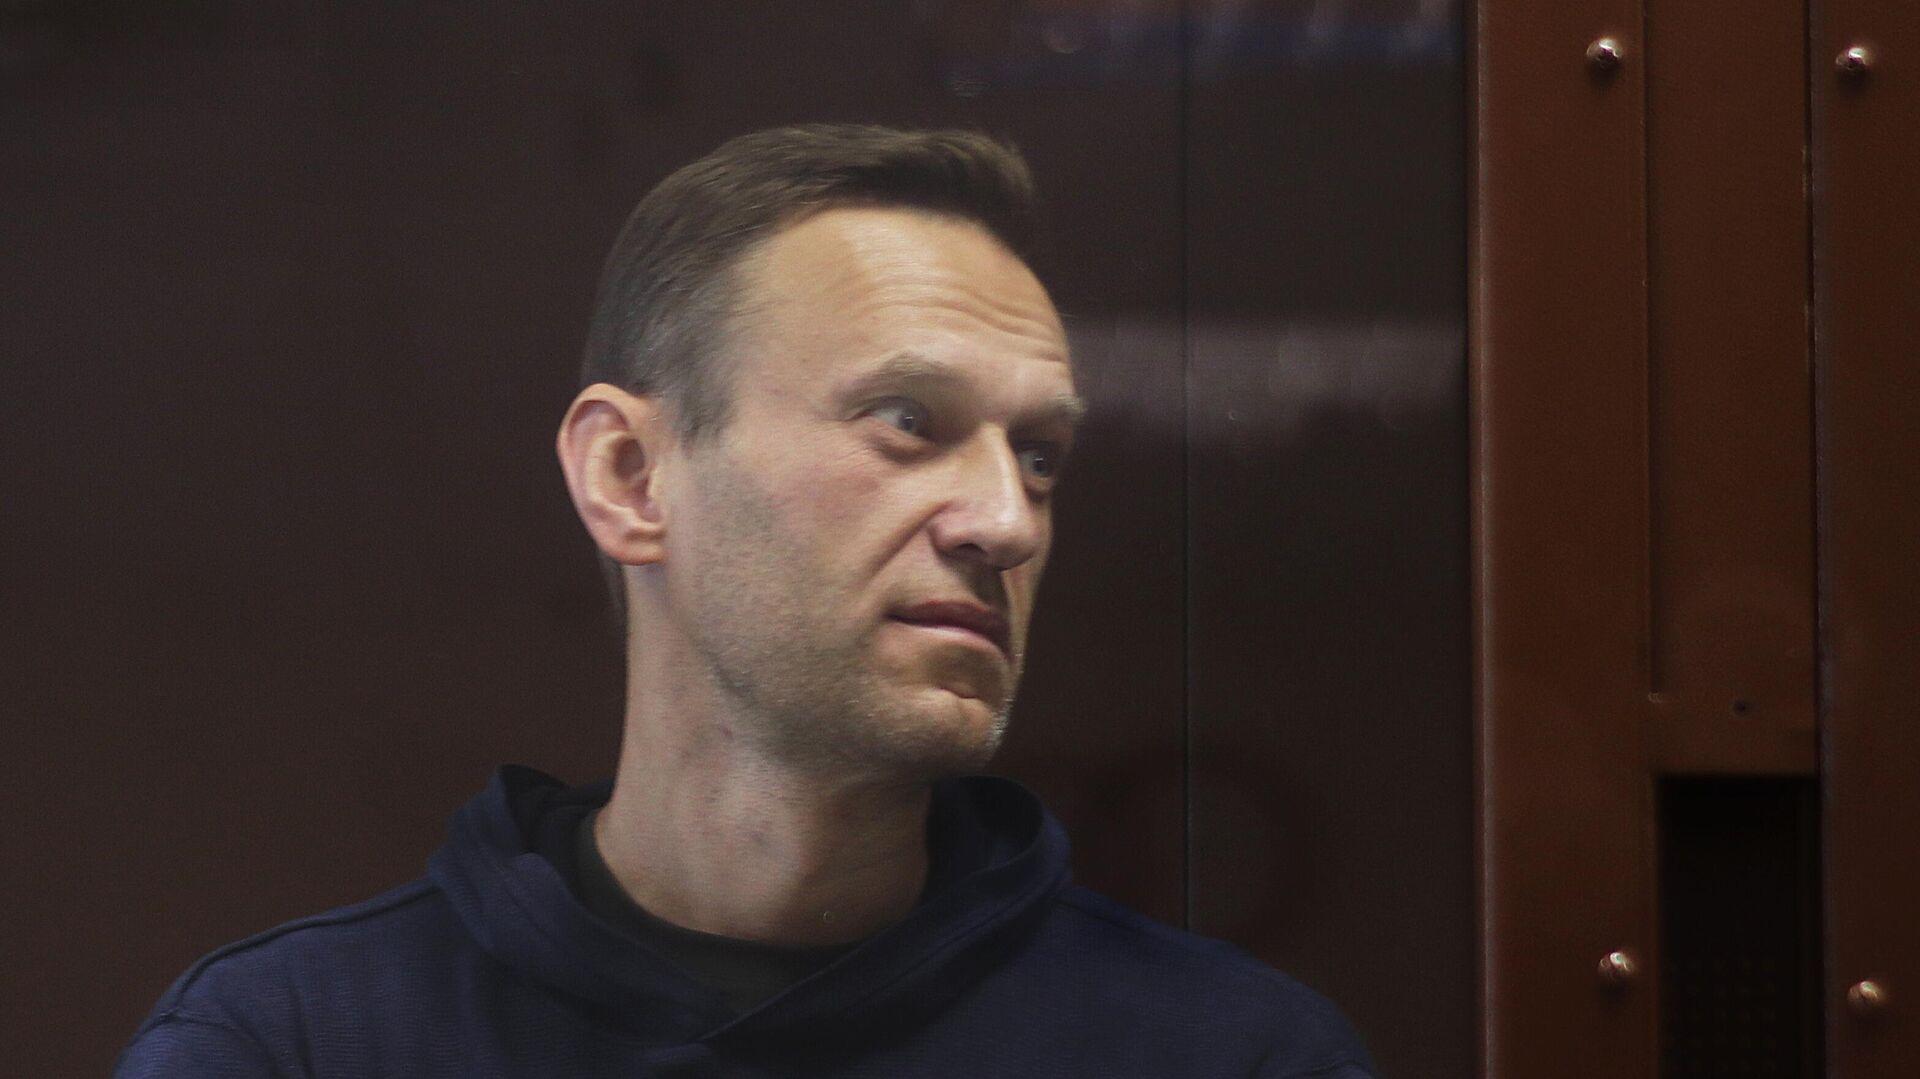 Алексей Навальный в зале Бабушкинского районного суда - РИА Новости, 1920, 08.02.2021